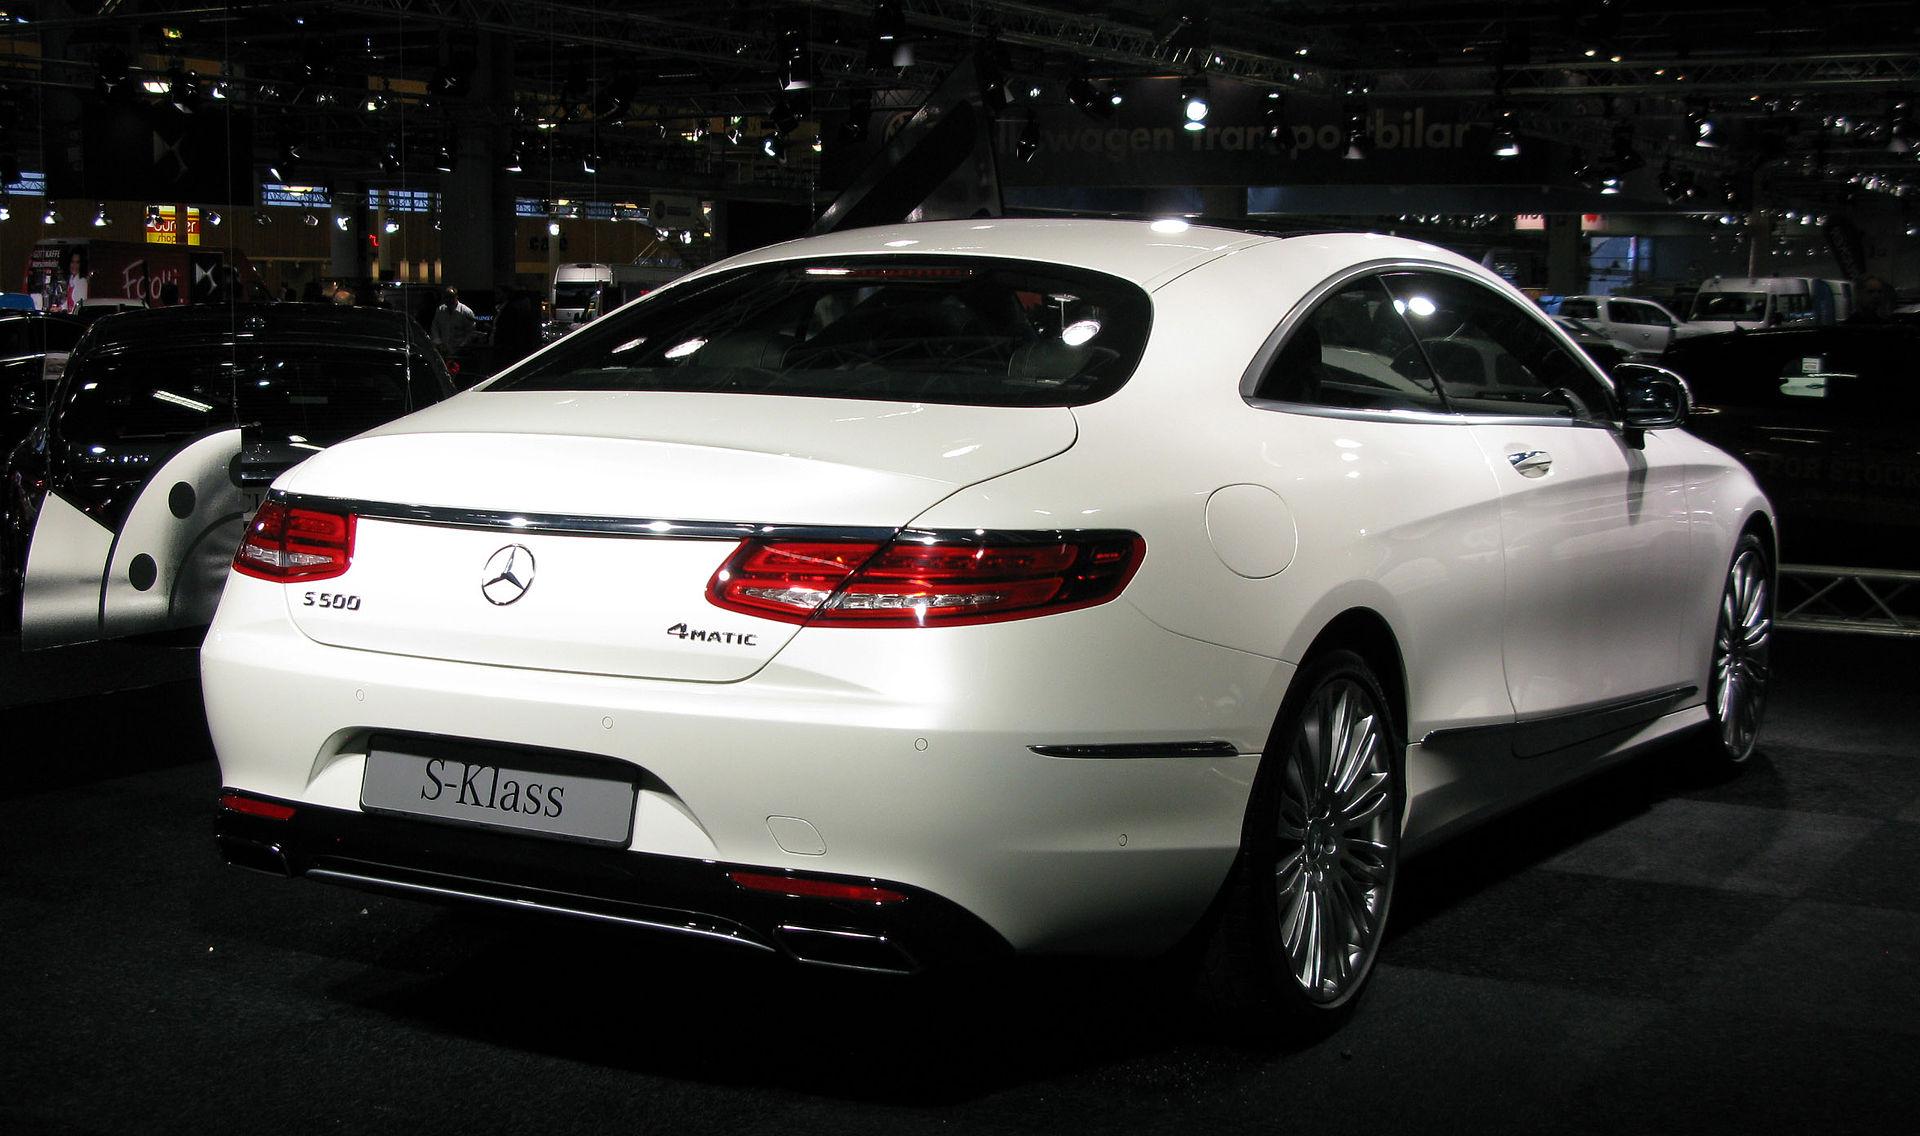 Mercedes-Benz S-Class (C217)